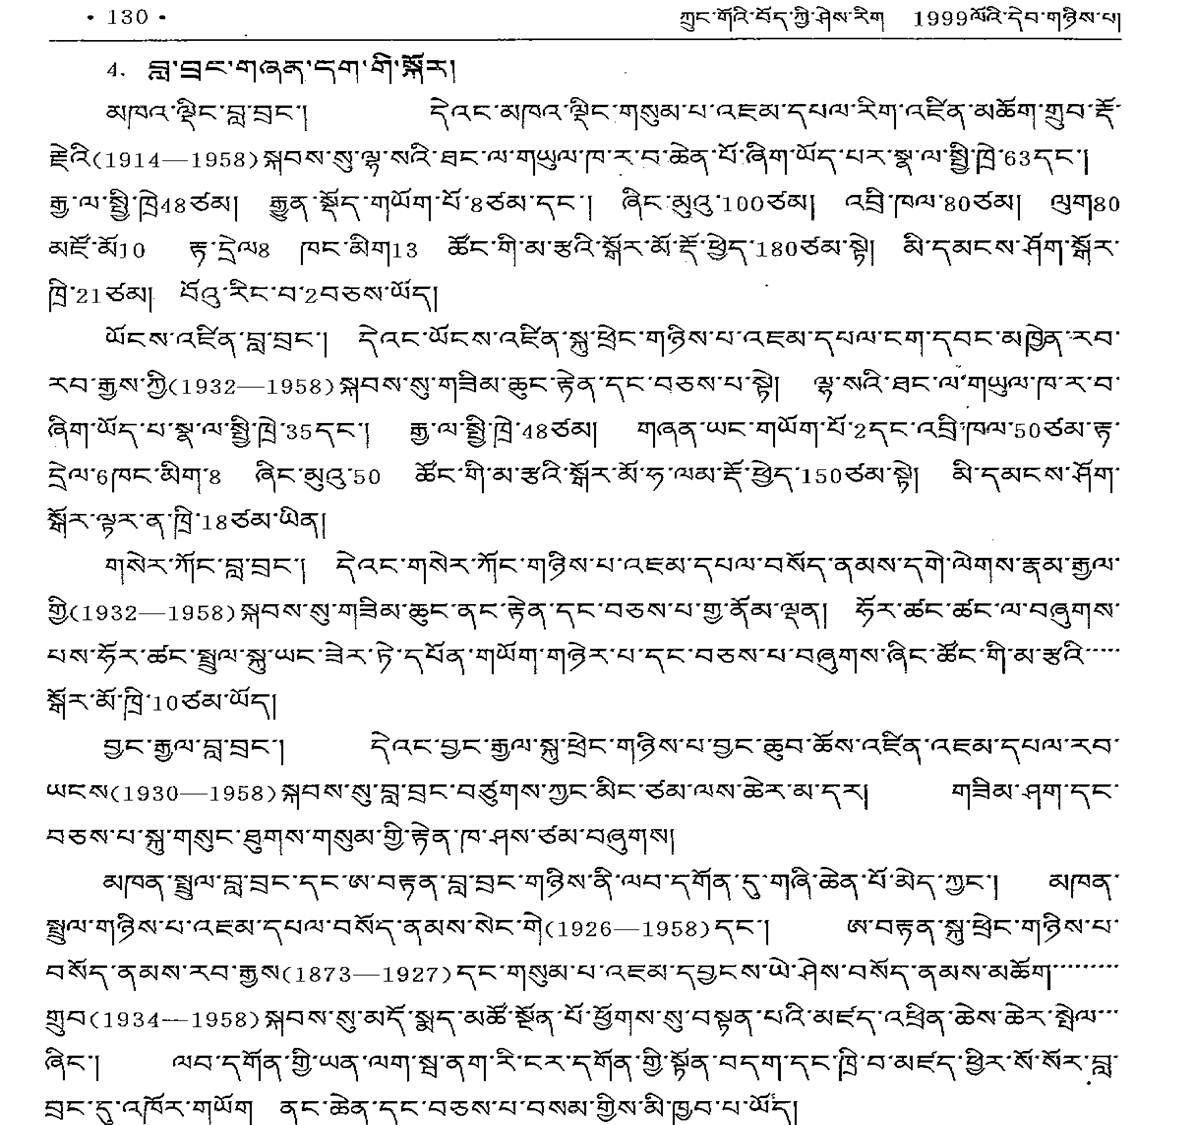 北京出版的《中国藏学》杂志1999年某期截图,记录了玉树地区拉布寺的寺院领袖全都死于1958年。(图片来自Elliot Sperling)